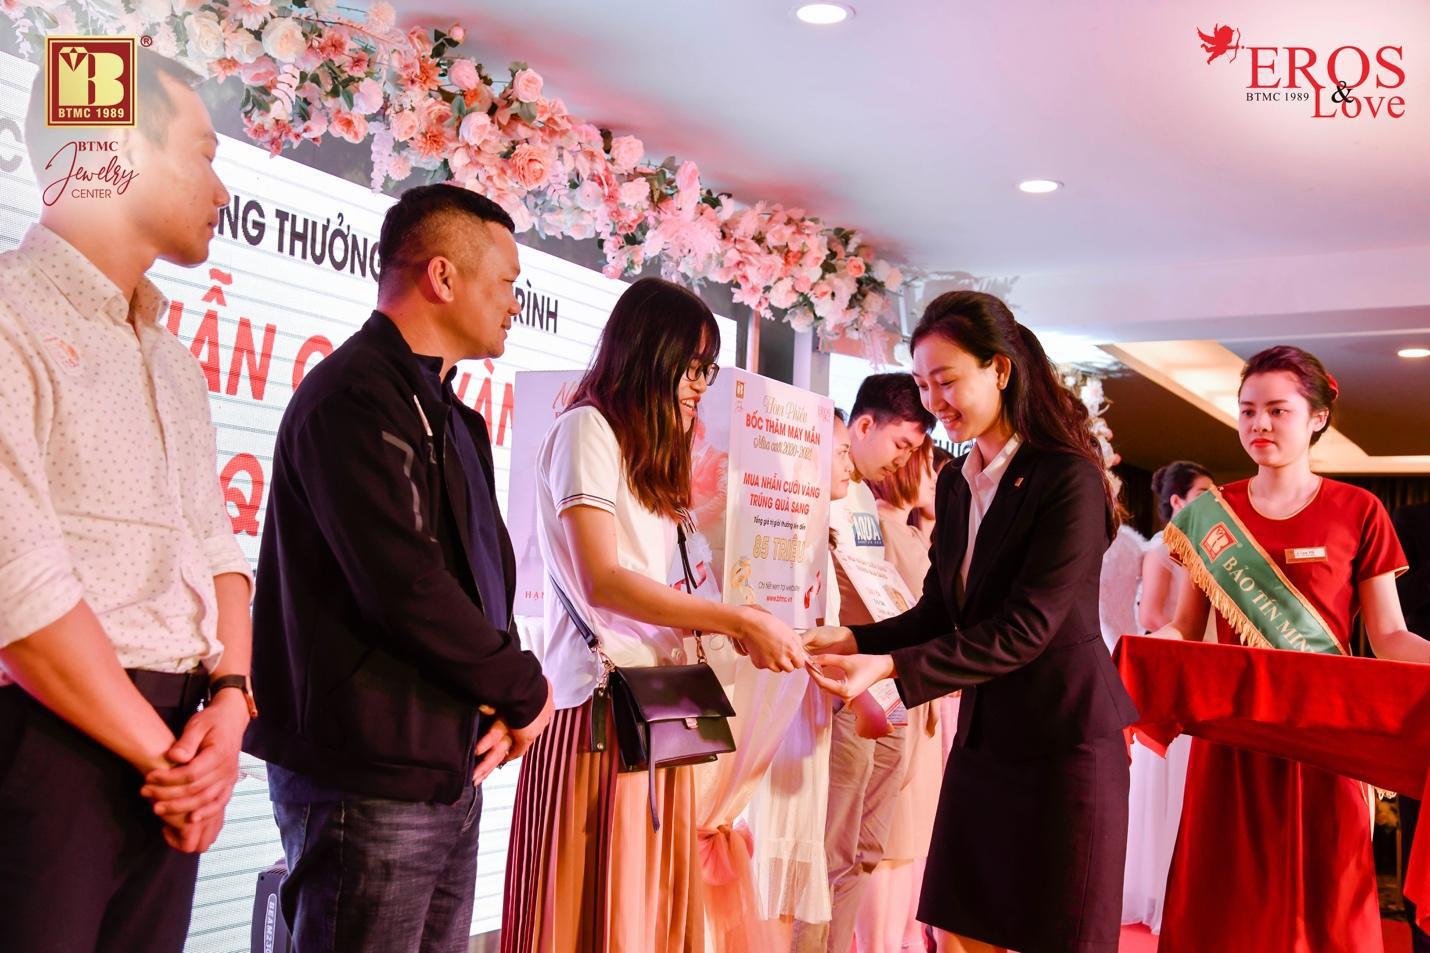 Bảo Tín Minh Châu bốc thăm và trao giải thưởng mùa cưới 2020 - 2021 đợt 2 - Ảnh 5.